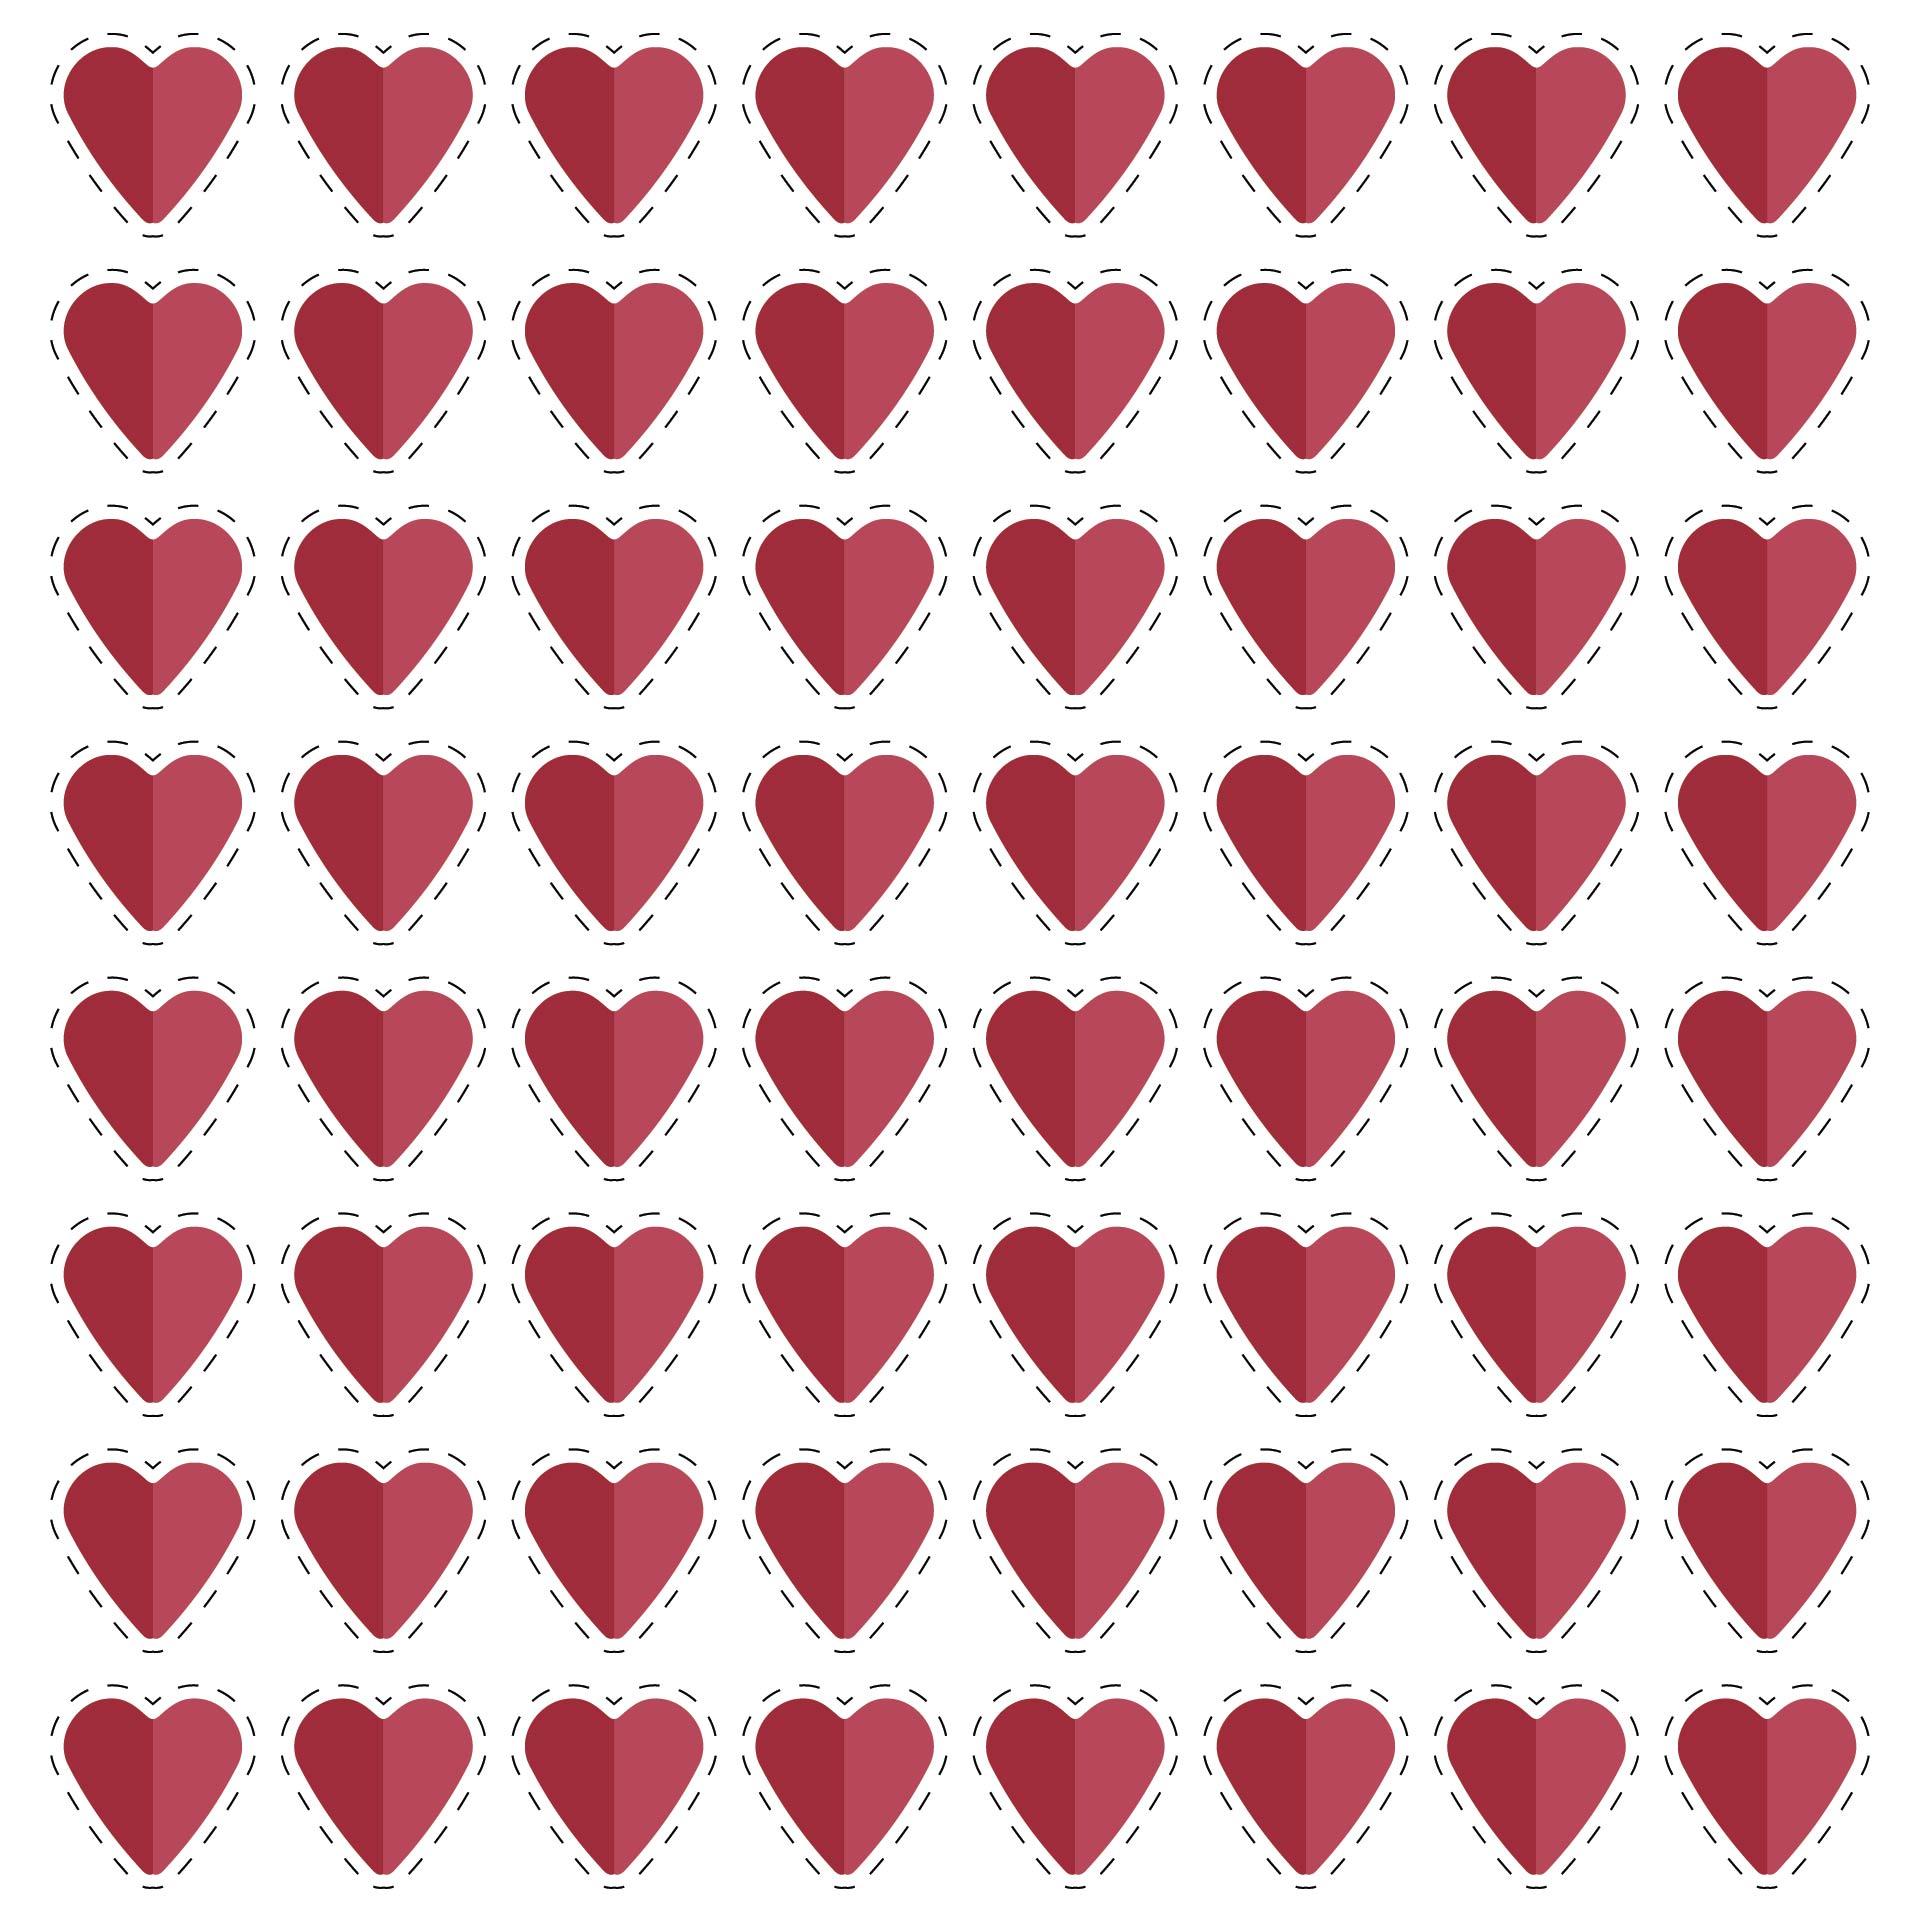 8 X 8 Heart Template